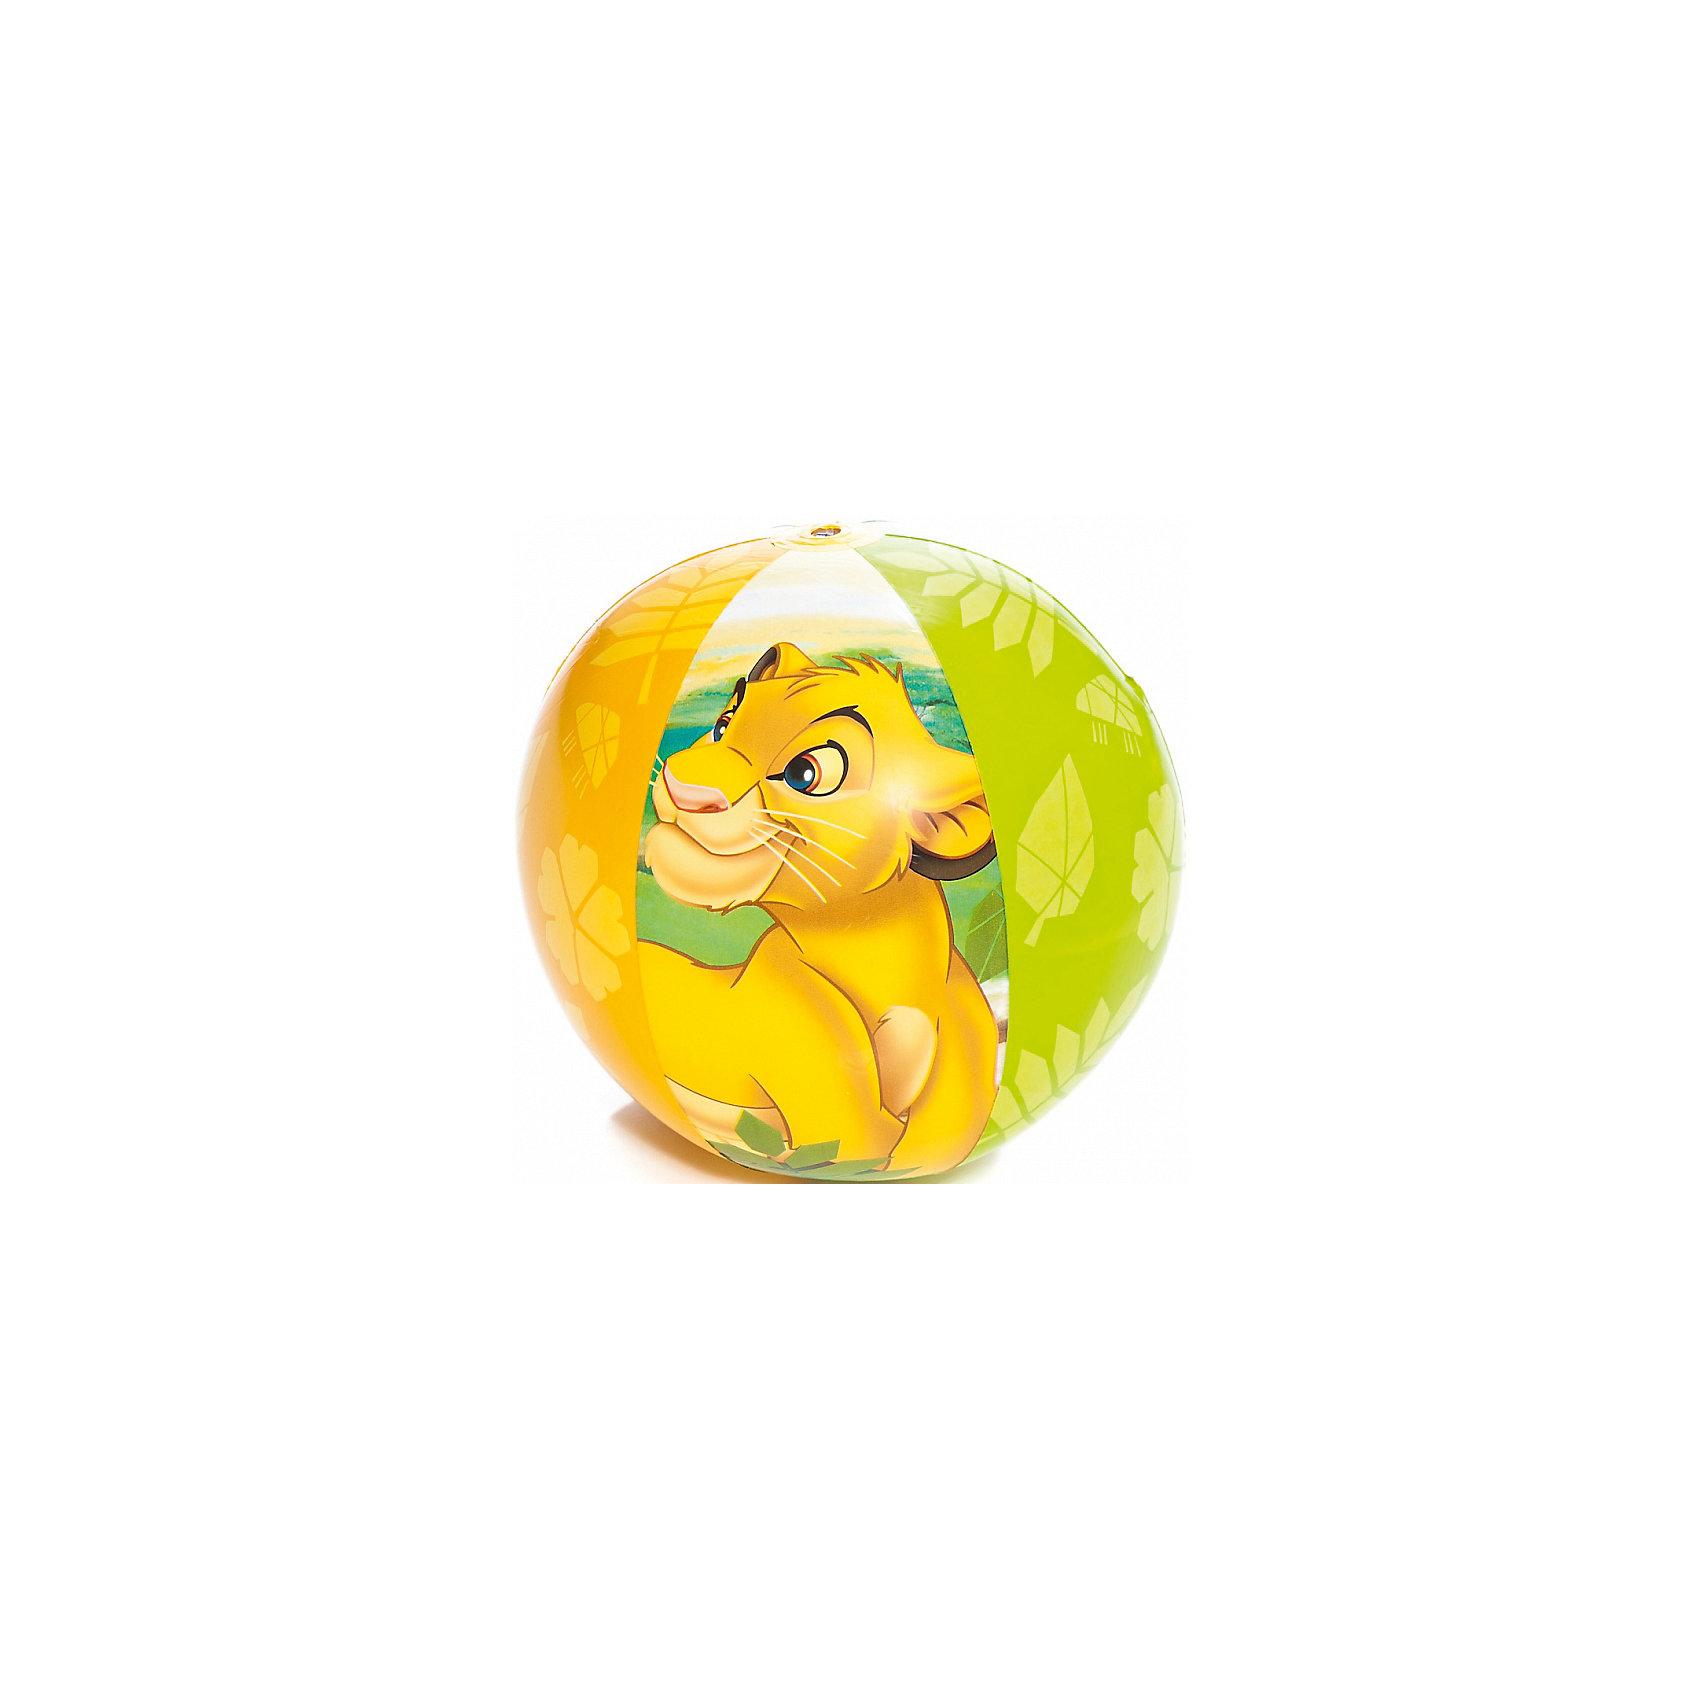 Пляжный мяч Король Лев, 61 смНадувные игрушки - это безопасный способ занять ребенка. Пляжный мяч Король Лев - это повод придумать много игр. А еще с ними можно плавать!<br>Этот мяч надолго займет детей! Игра с ним помогает детям развивать координацию движений, внимательность и воображение. Игрушка сделана из качественных и безопасных для ребенка материалов.<br><br>Дополнительная информация:<br><br>цвет: разноцветный;<br>размер: 61 см;<br>вес: 160 г;<br>материал: полимер.<br><br>Пляжный мяч Король Лев, 61 см можно купить в нашем магазине.<br><br>Ширина мм: 30<br>Глубина мм: 130<br>Высота мм: 170<br>Вес г: 163<br>Возраст от месяцев: 36<br>Возраст до месяцев: 2147483647<br>Пол: Унисекс<br>Возраст: Детский<br>SKU: 4916412